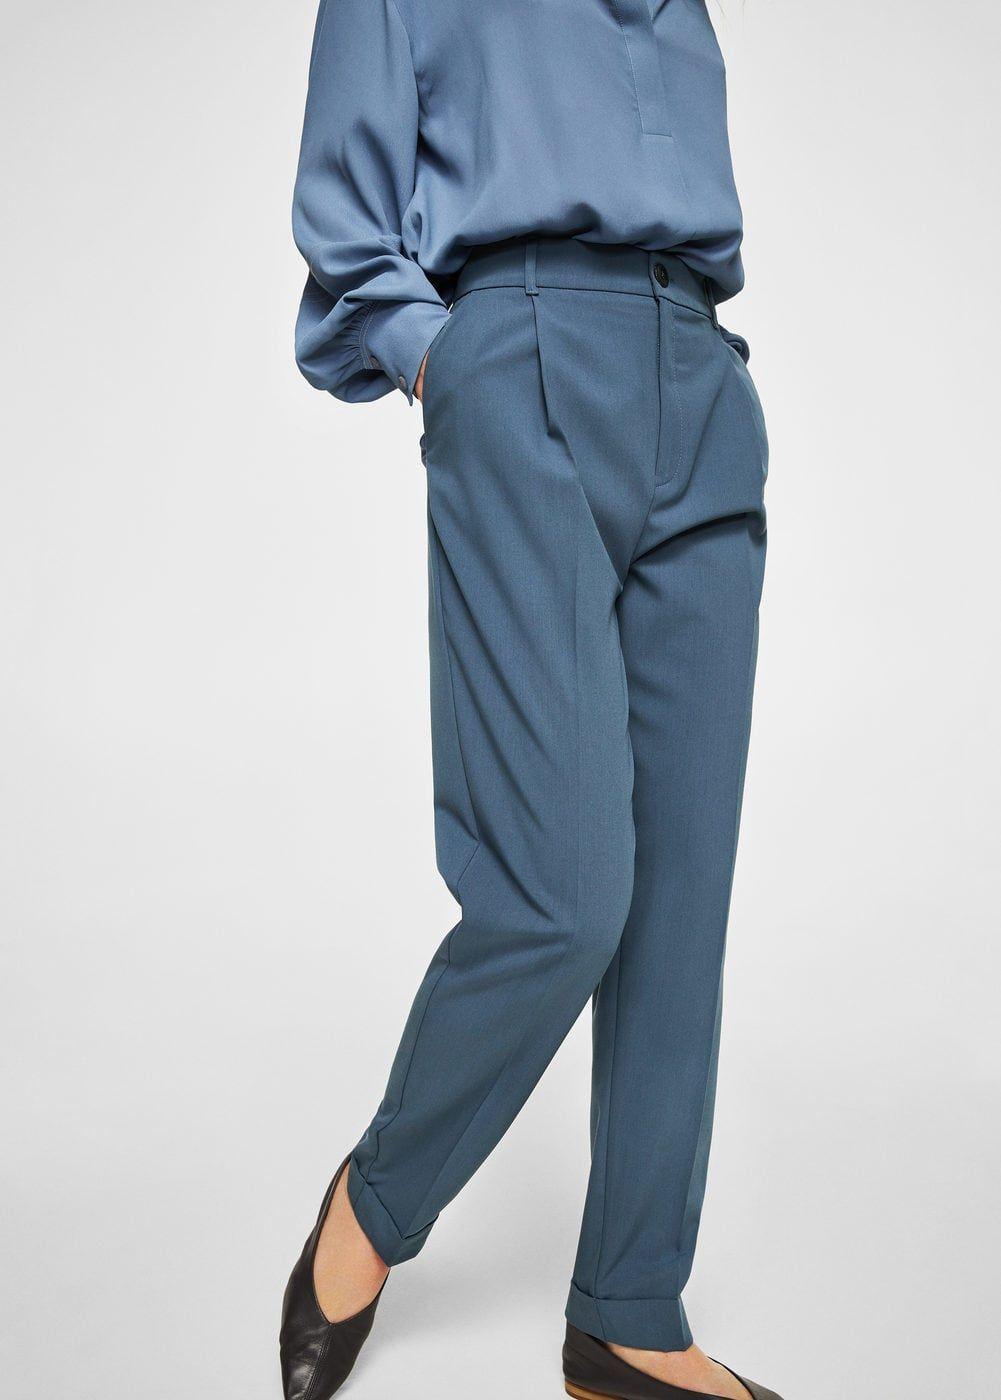 Pantalón traje pinzas - Mujer  18b373047172